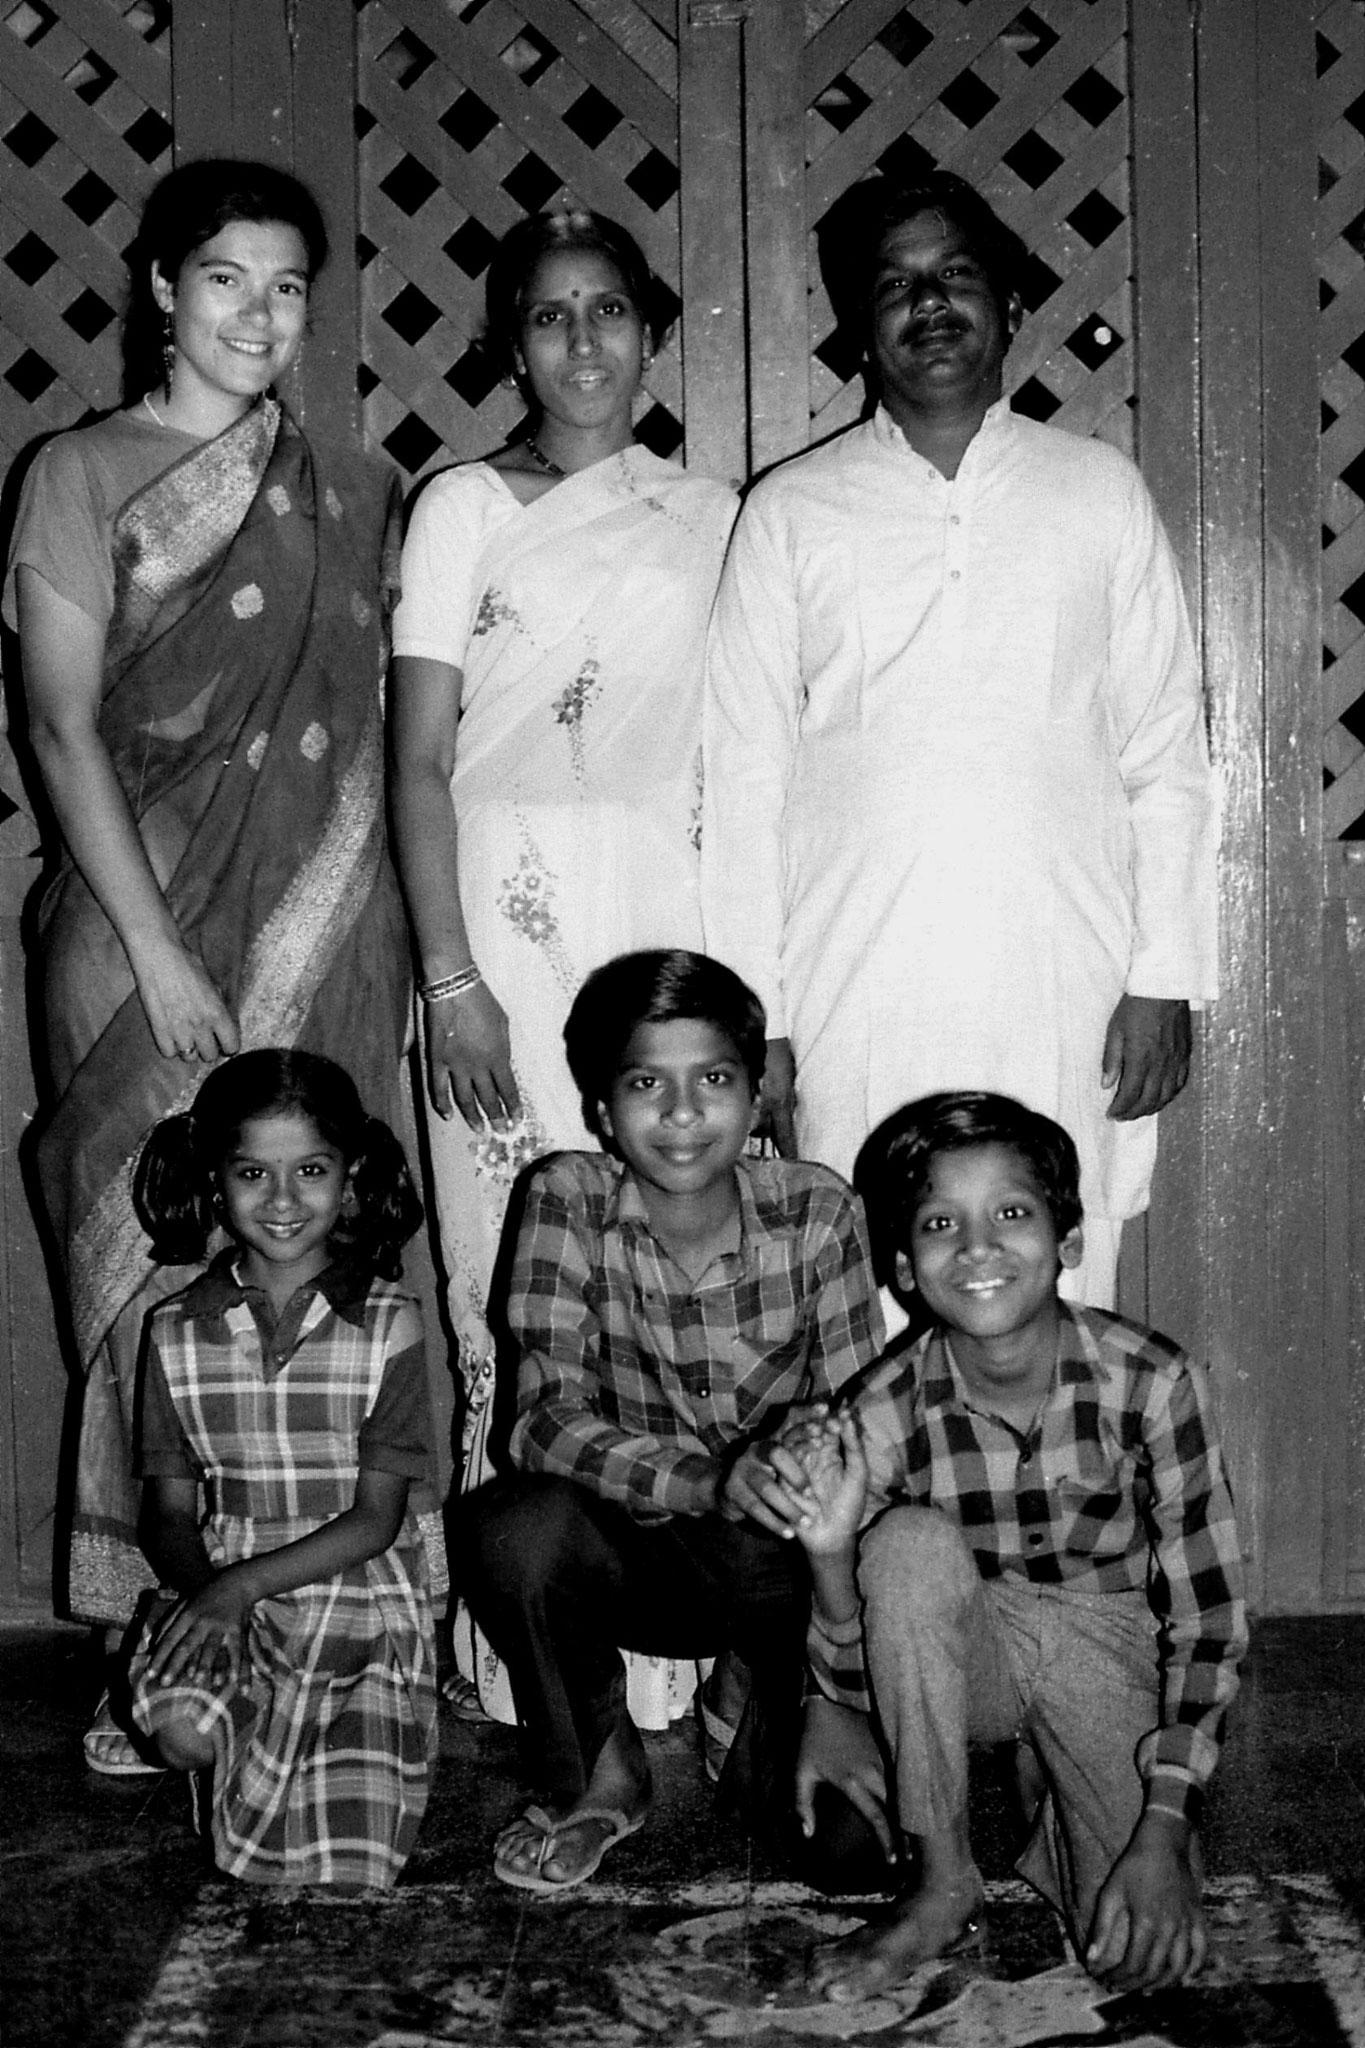 11/12/1989: 24: Chourasia family with Elizabeth